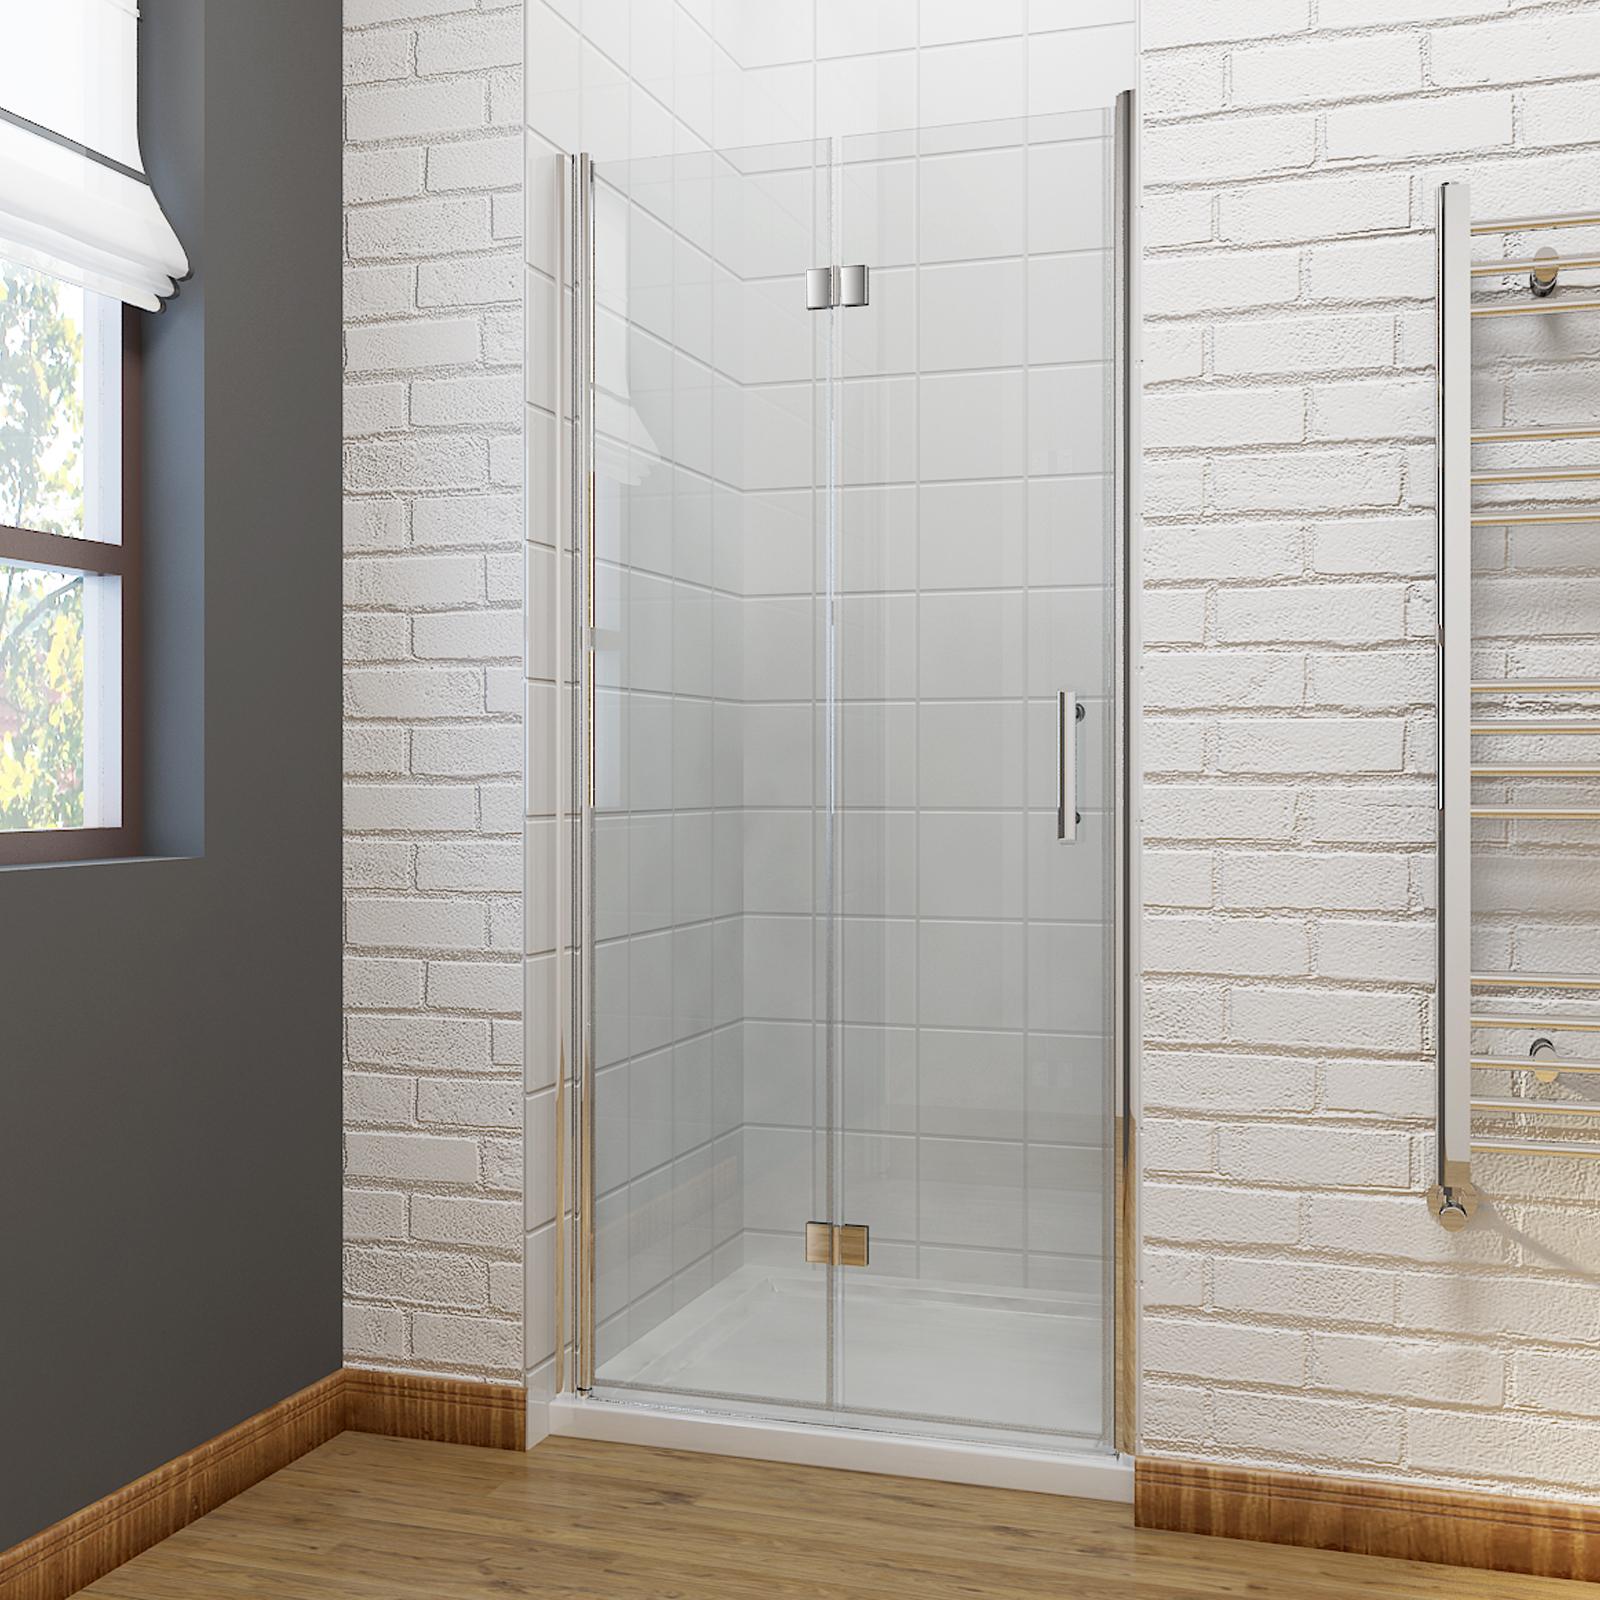 Frameless bifold shower door enclosure 6mm glass screen for 1000 bifold shower door